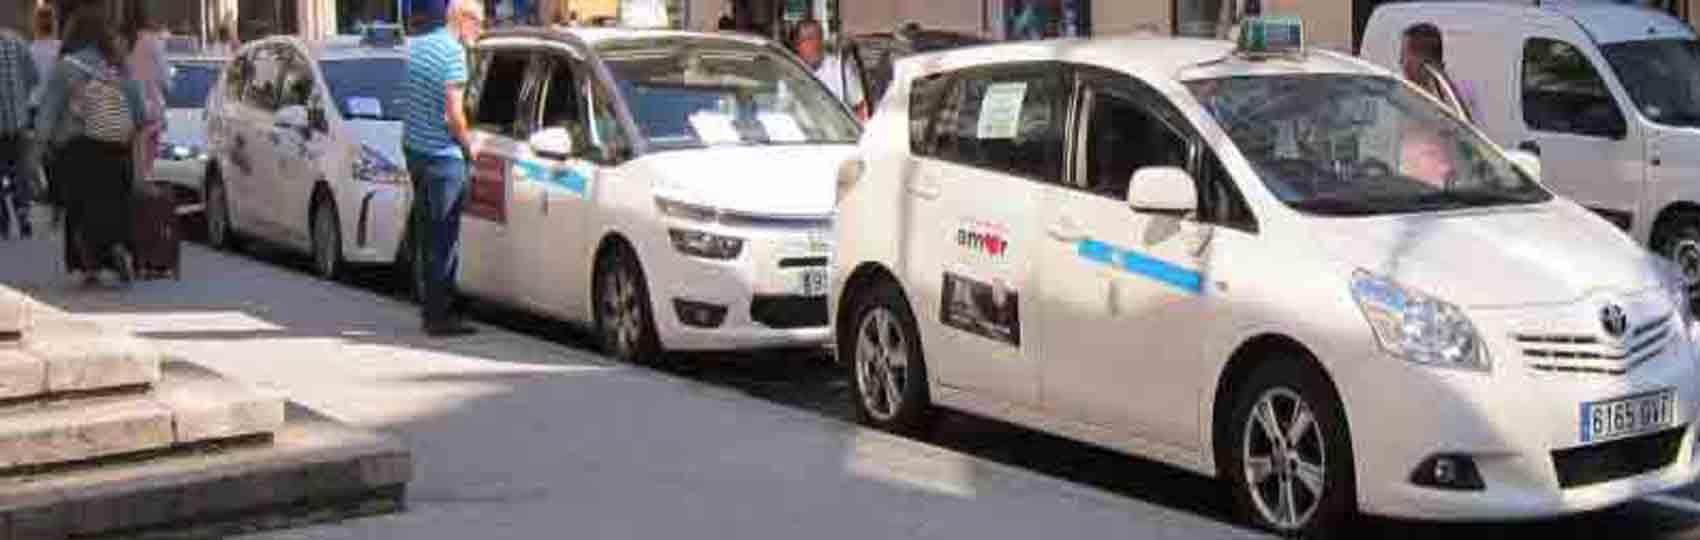 Noticias del sector del taxi y la movilidad en Soria. Mantente informado de todas las noticias del taxi de Soria en el grupo de Facebook de Todo Taxi.